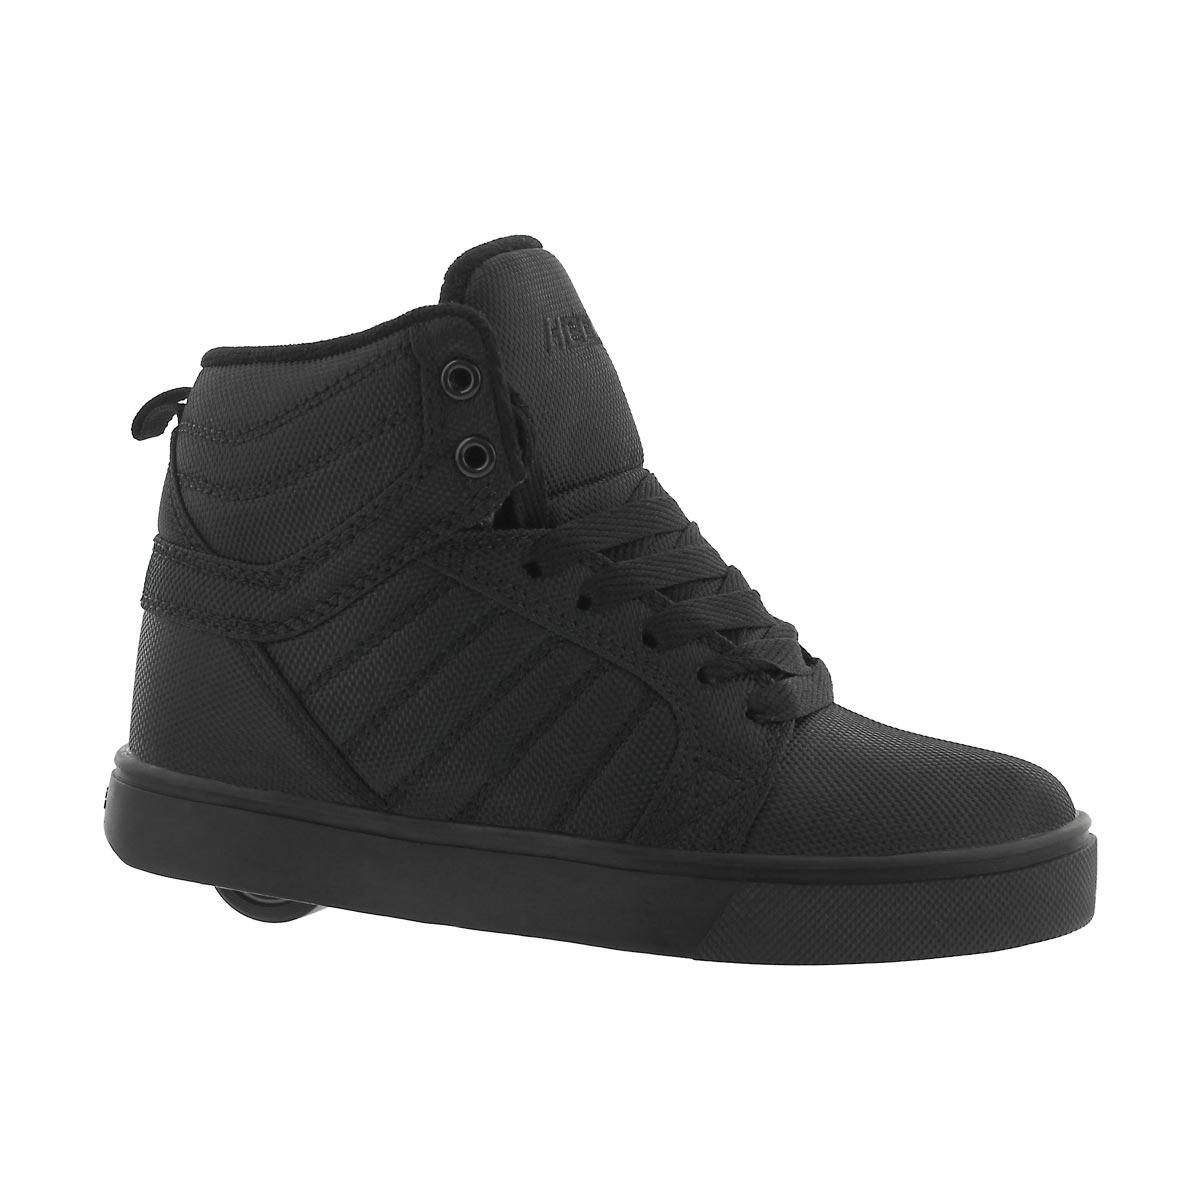 Boys' UPTOWN black hi top skate sneakers